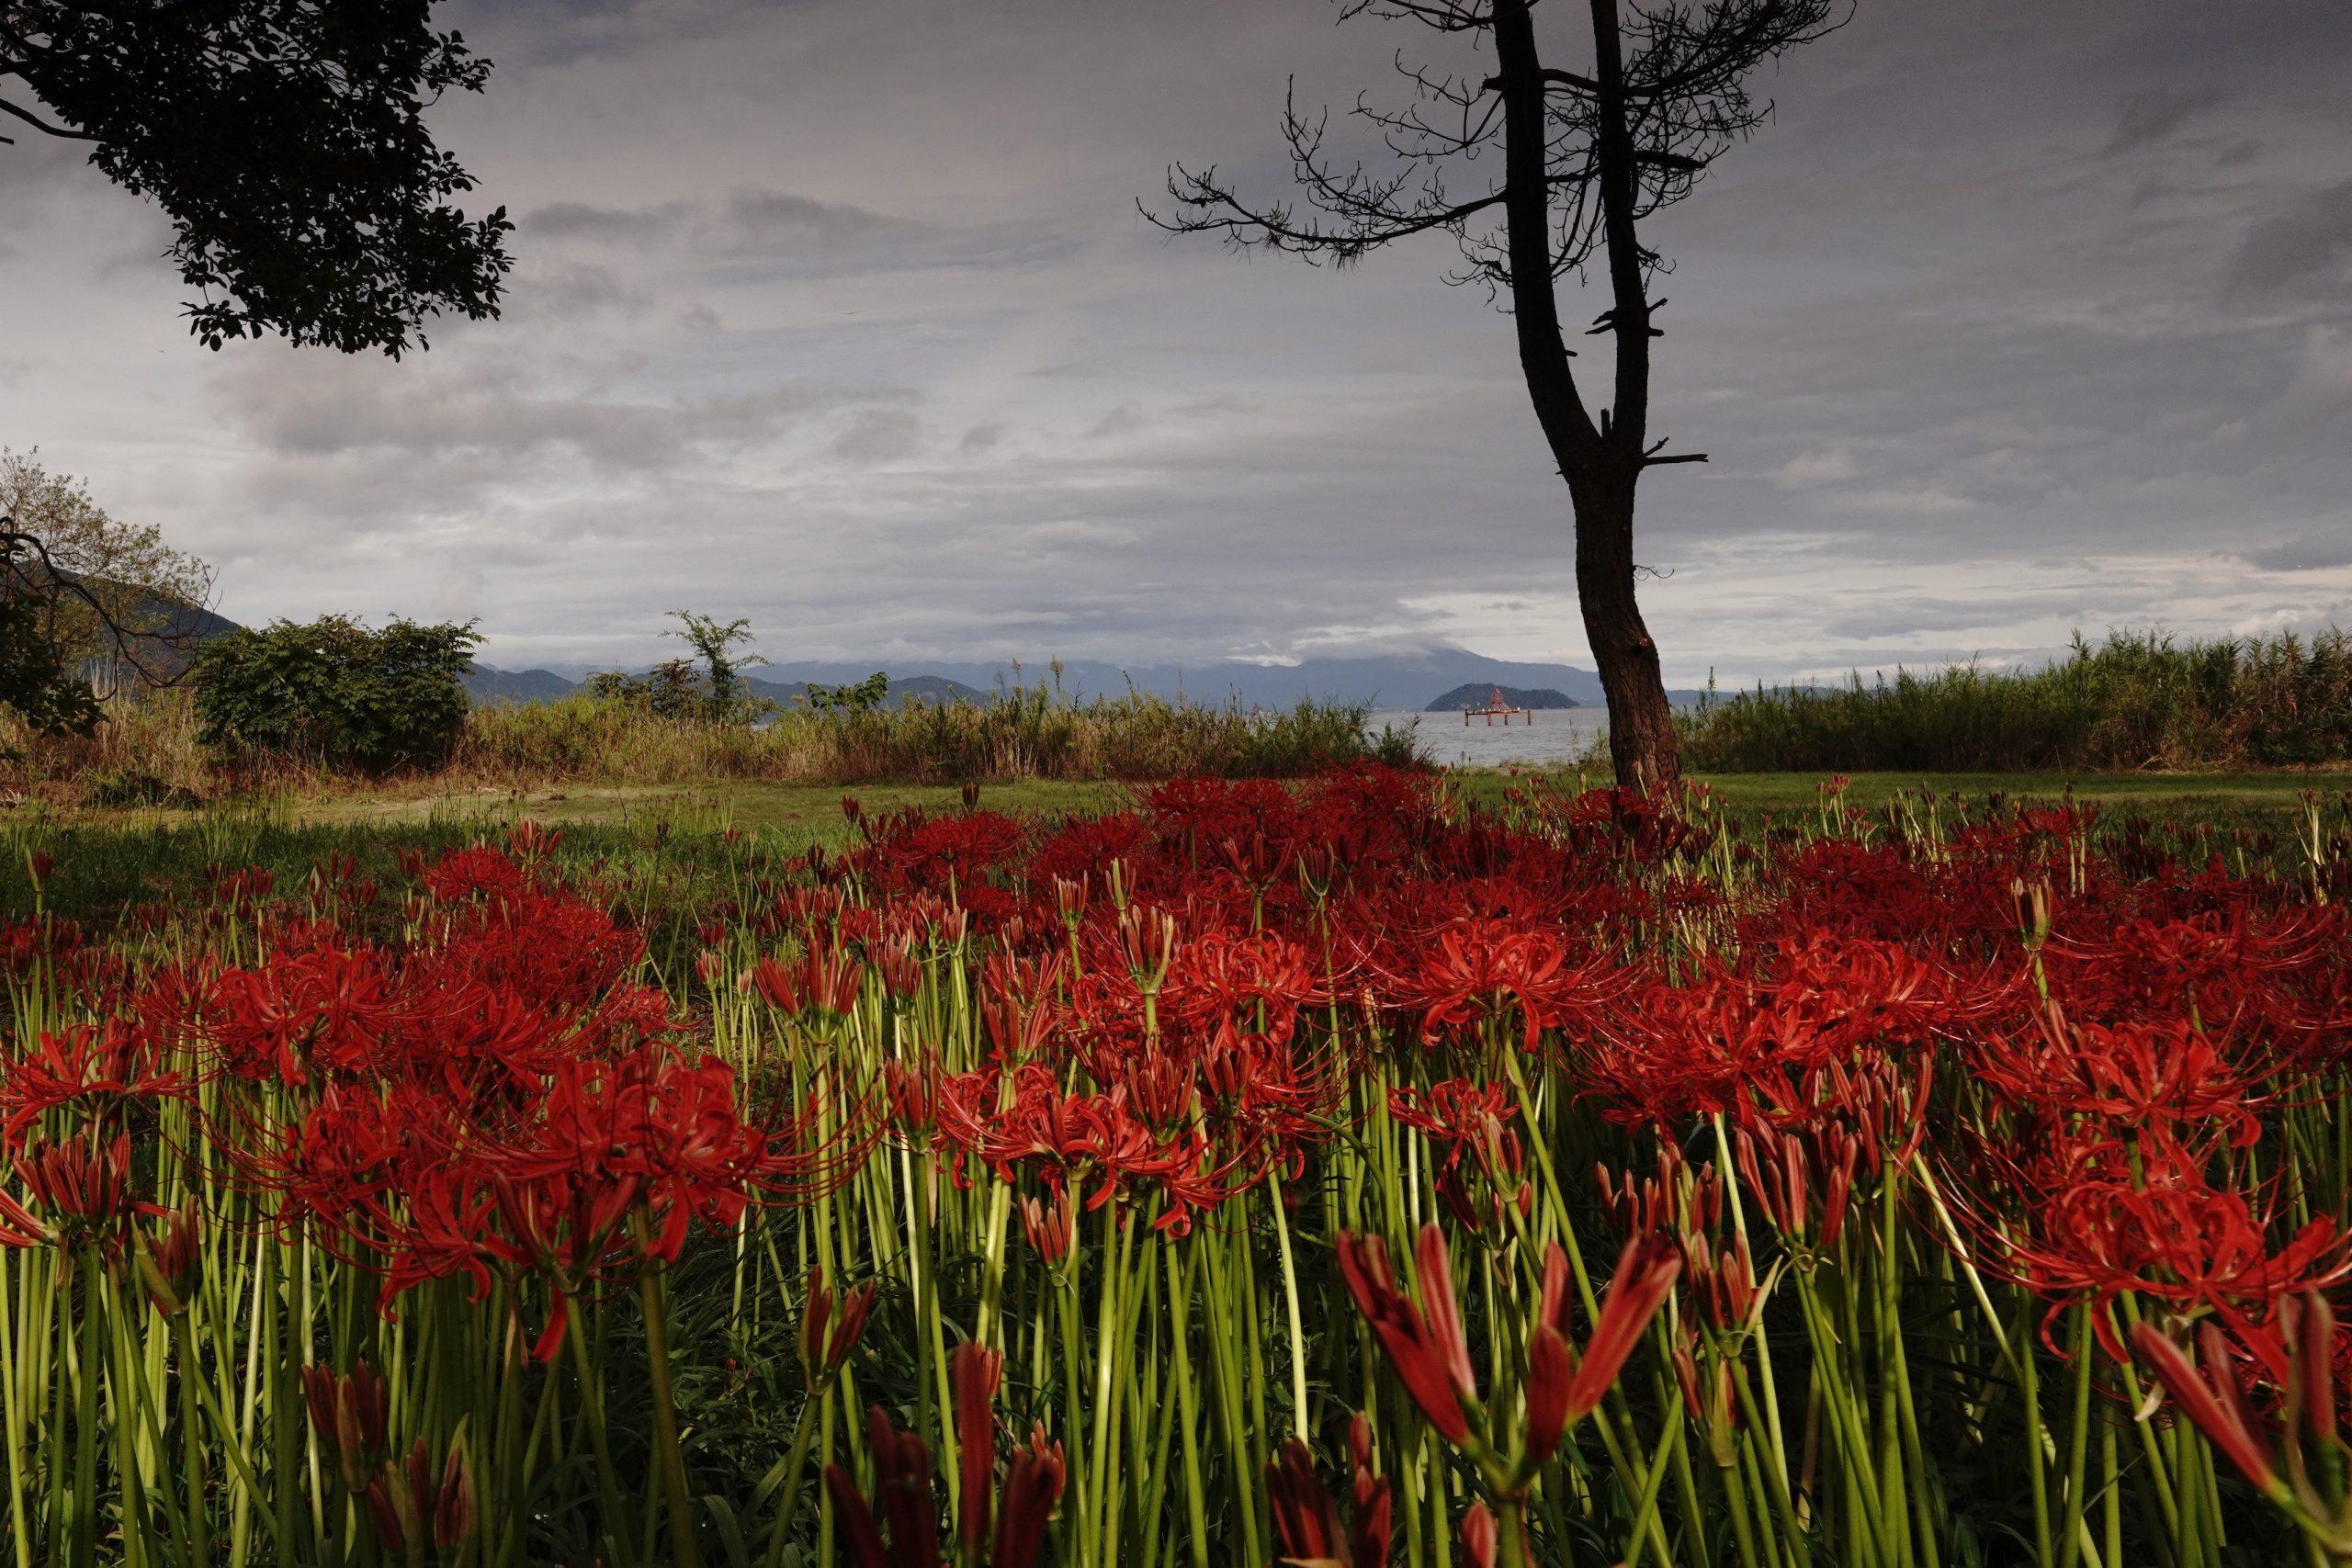 「湖畔の秋華」 撮影:Ken様